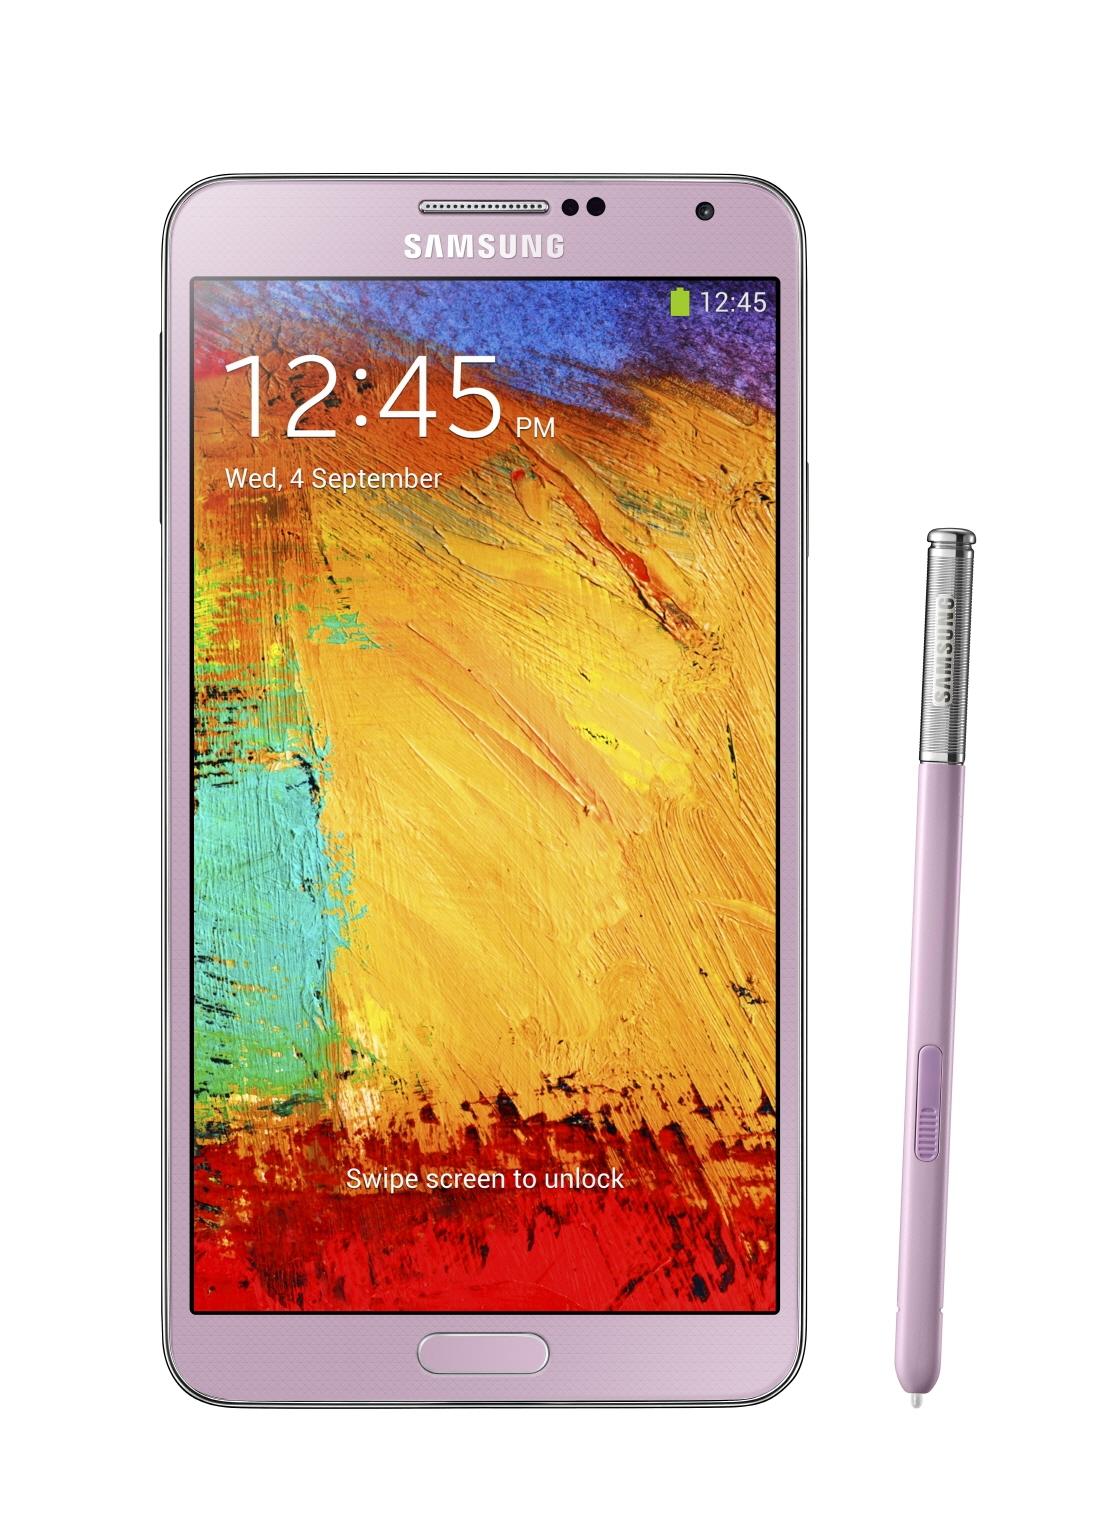 Внешний вид Samsung Galaxy Note III - розовый